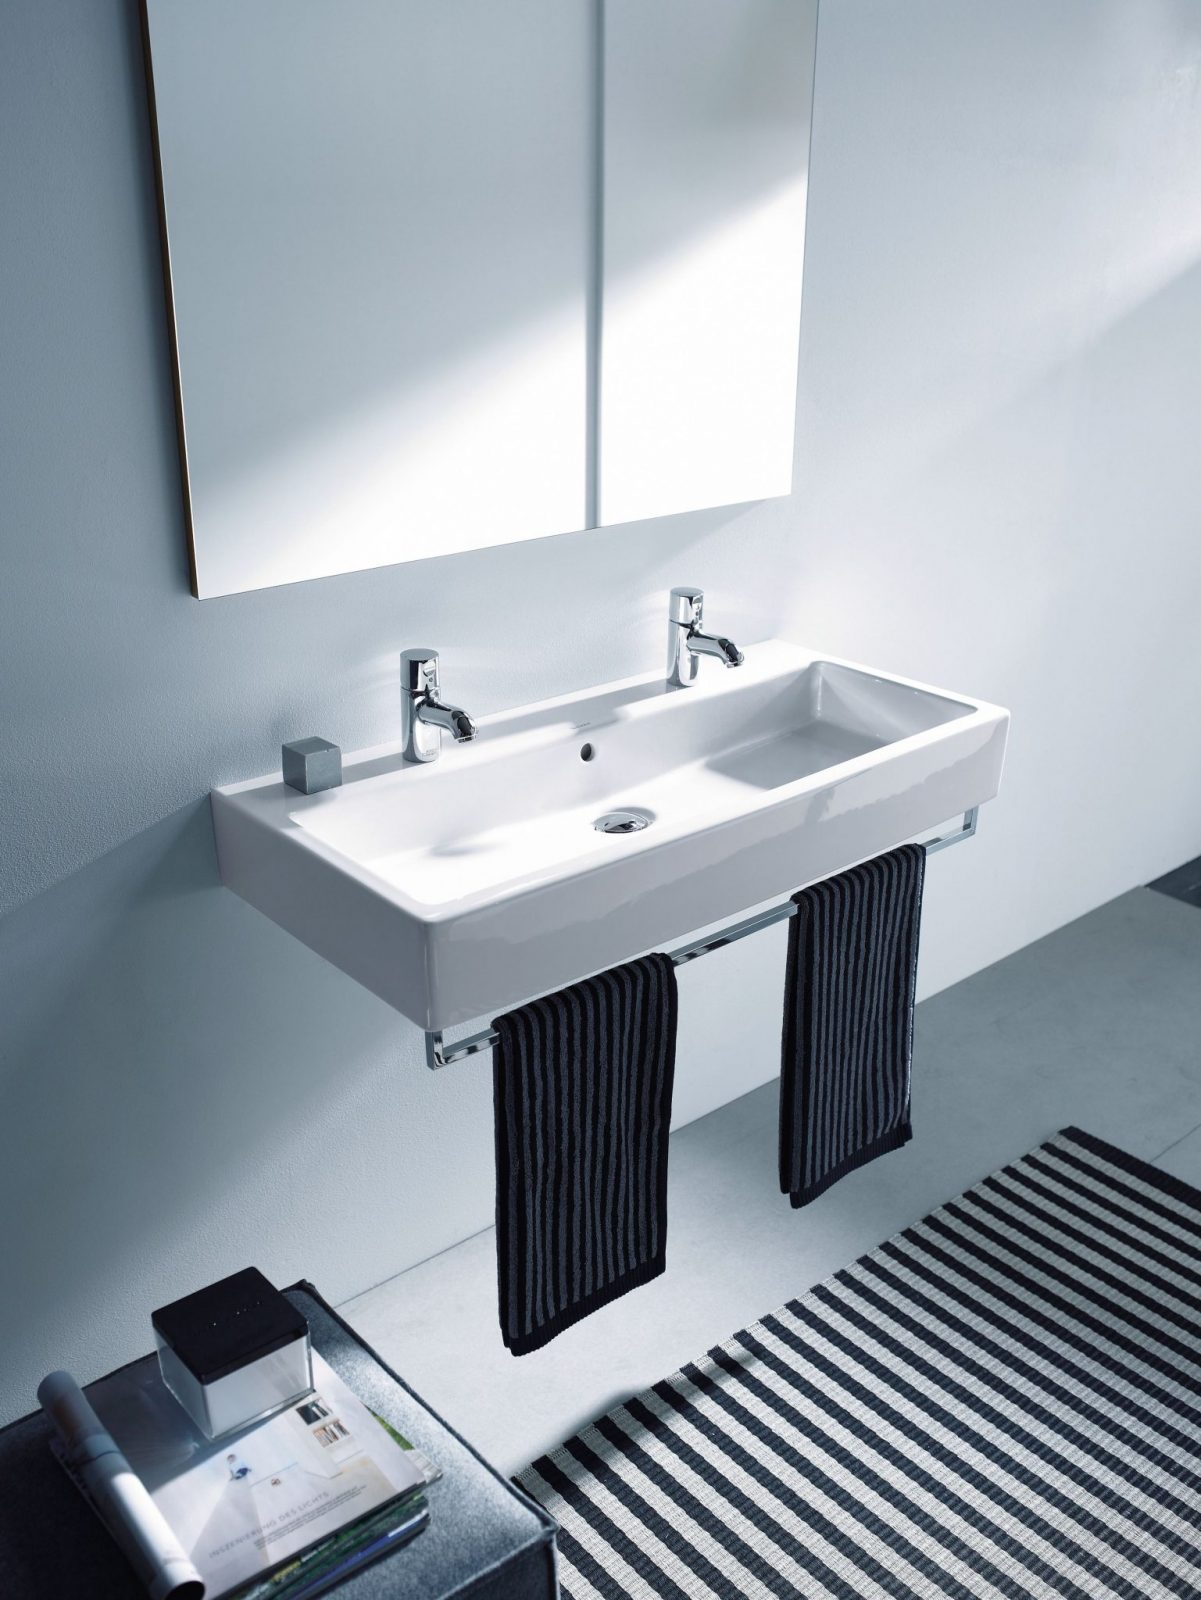 Fiche technique toilette au lavabo 28 images casa for Casa meuble salle de bain